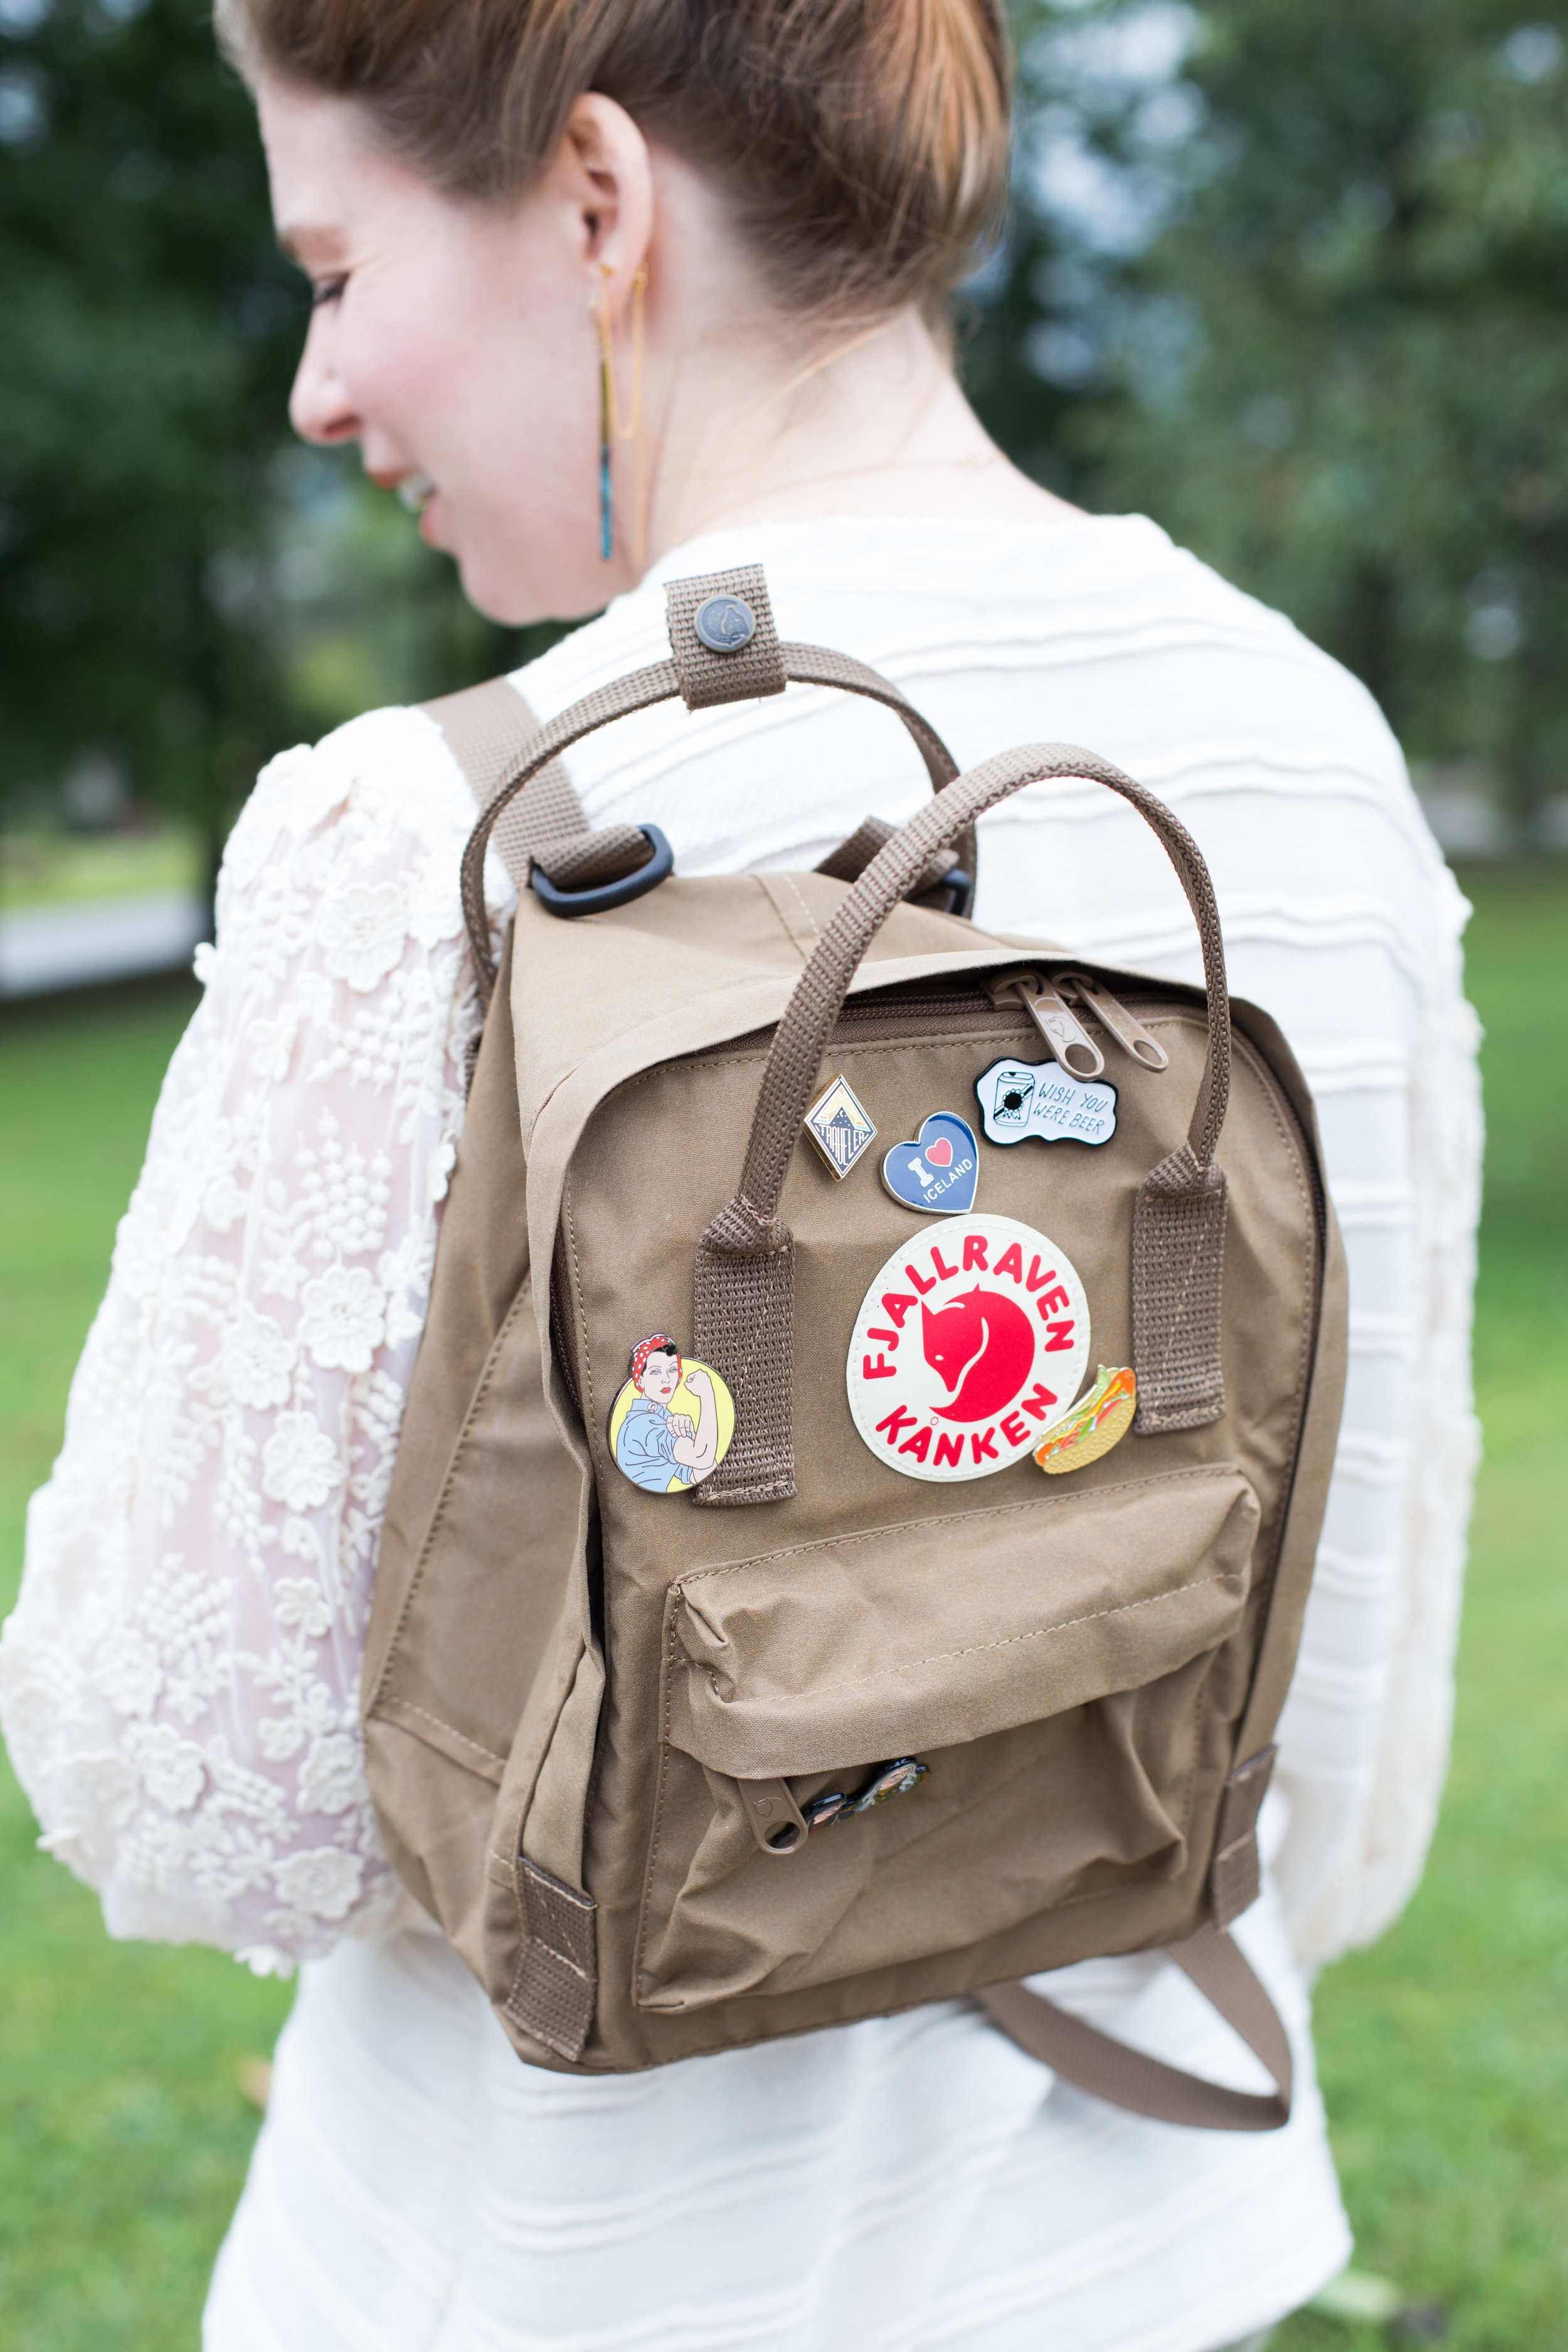 Fjallraven Kanken mini backpack covered in enamel pins.